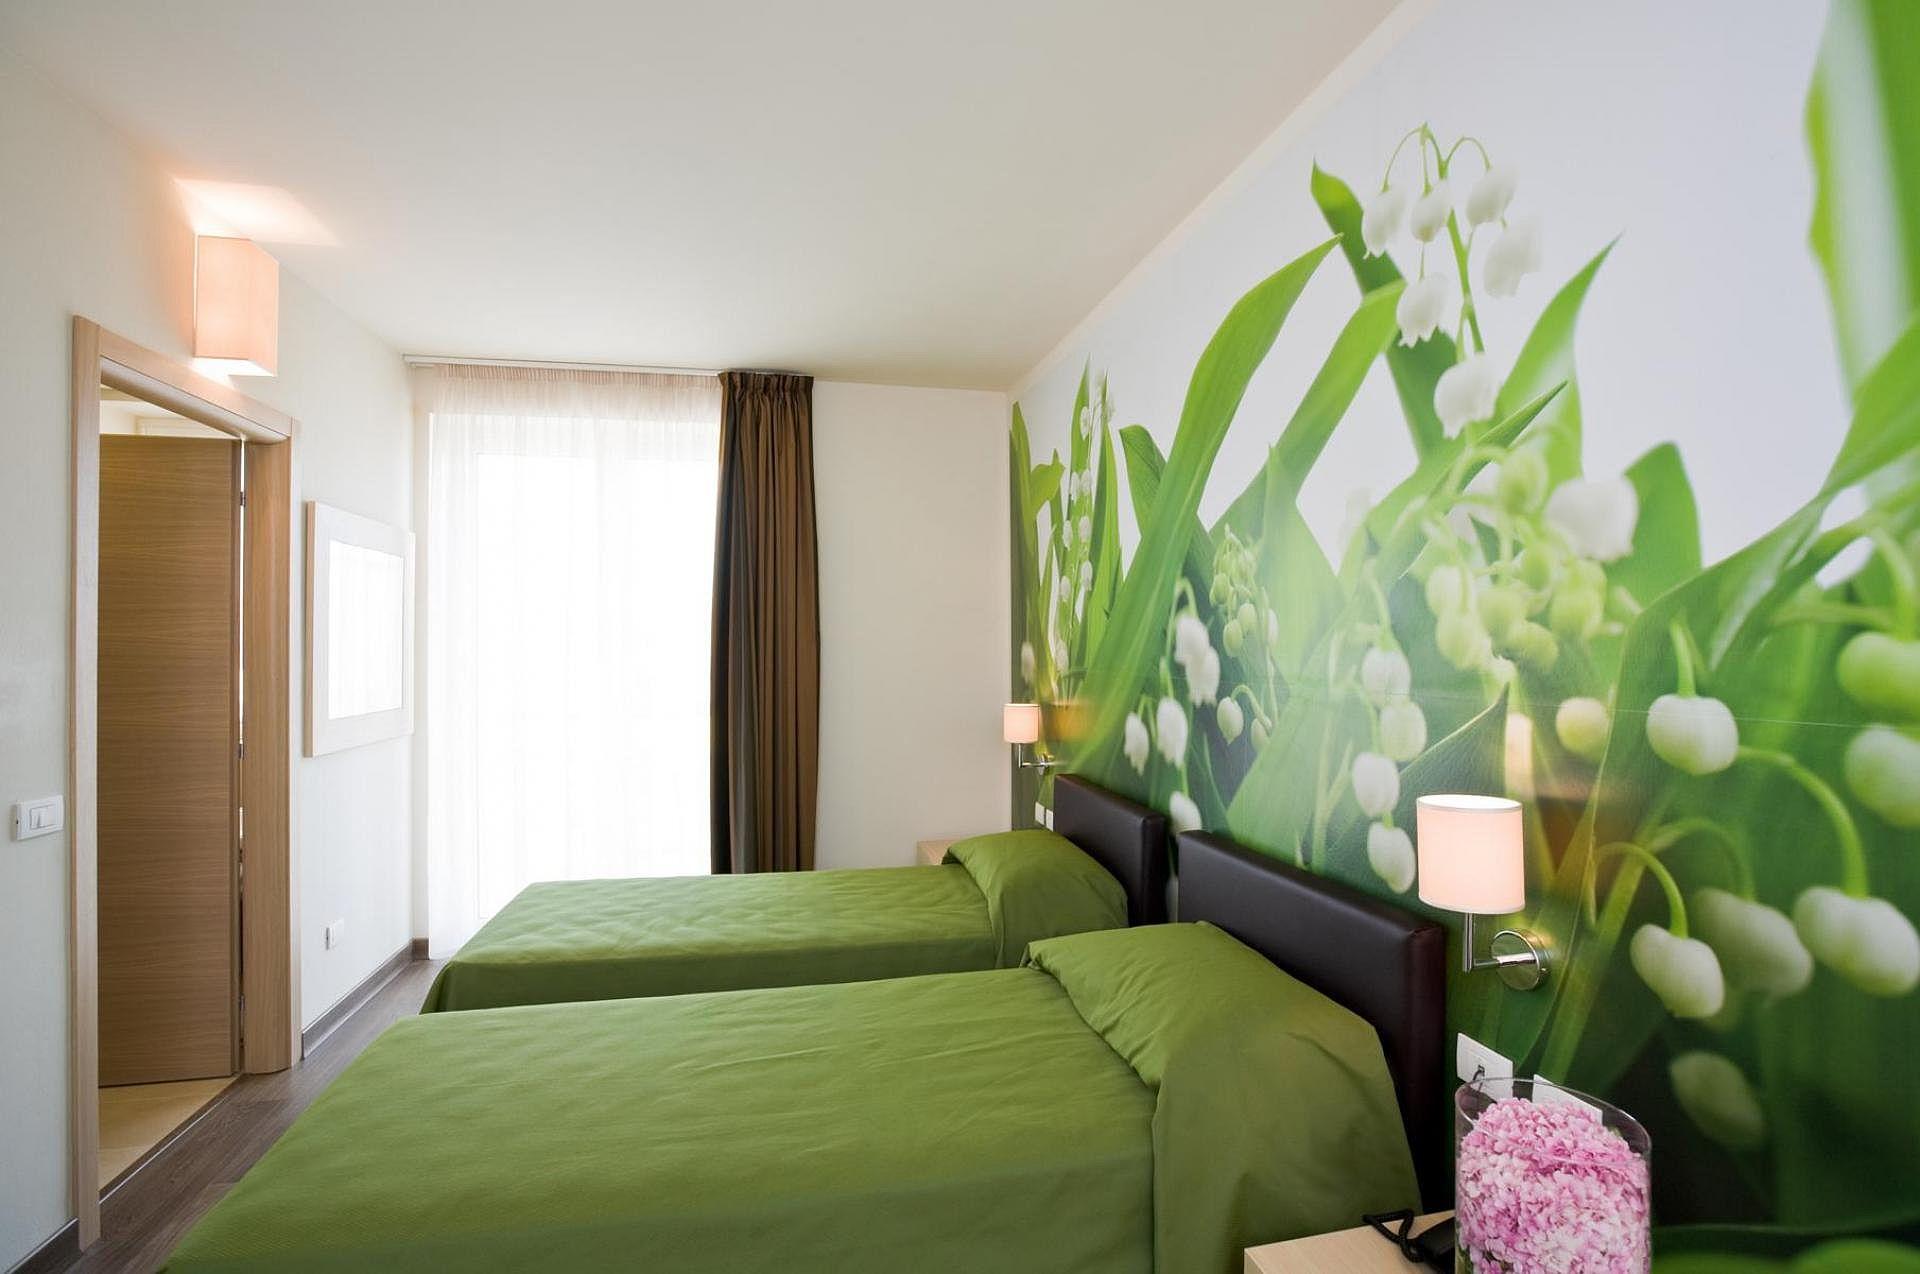 Hotel Acquadolce Gardasee Online Zum Bestpreis Buchen Domicillio